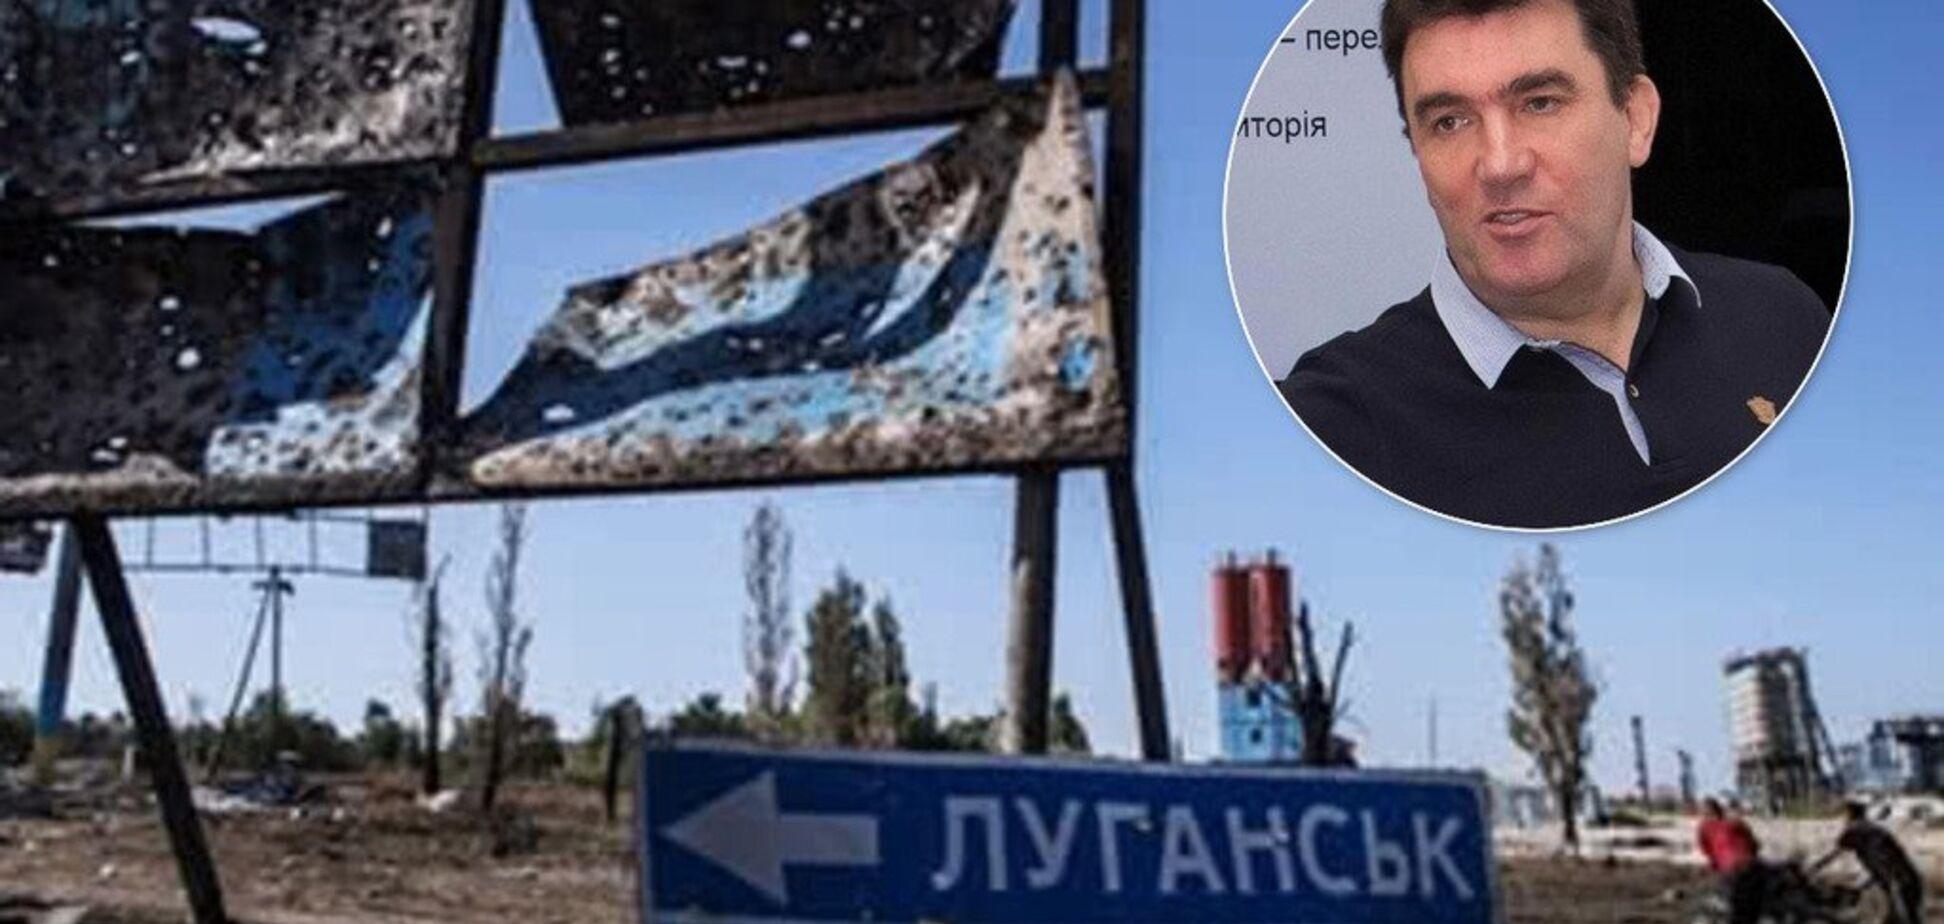 Є п'ять сценаріїв: у РНБО розсекретили перші деталі повернення Донбасу